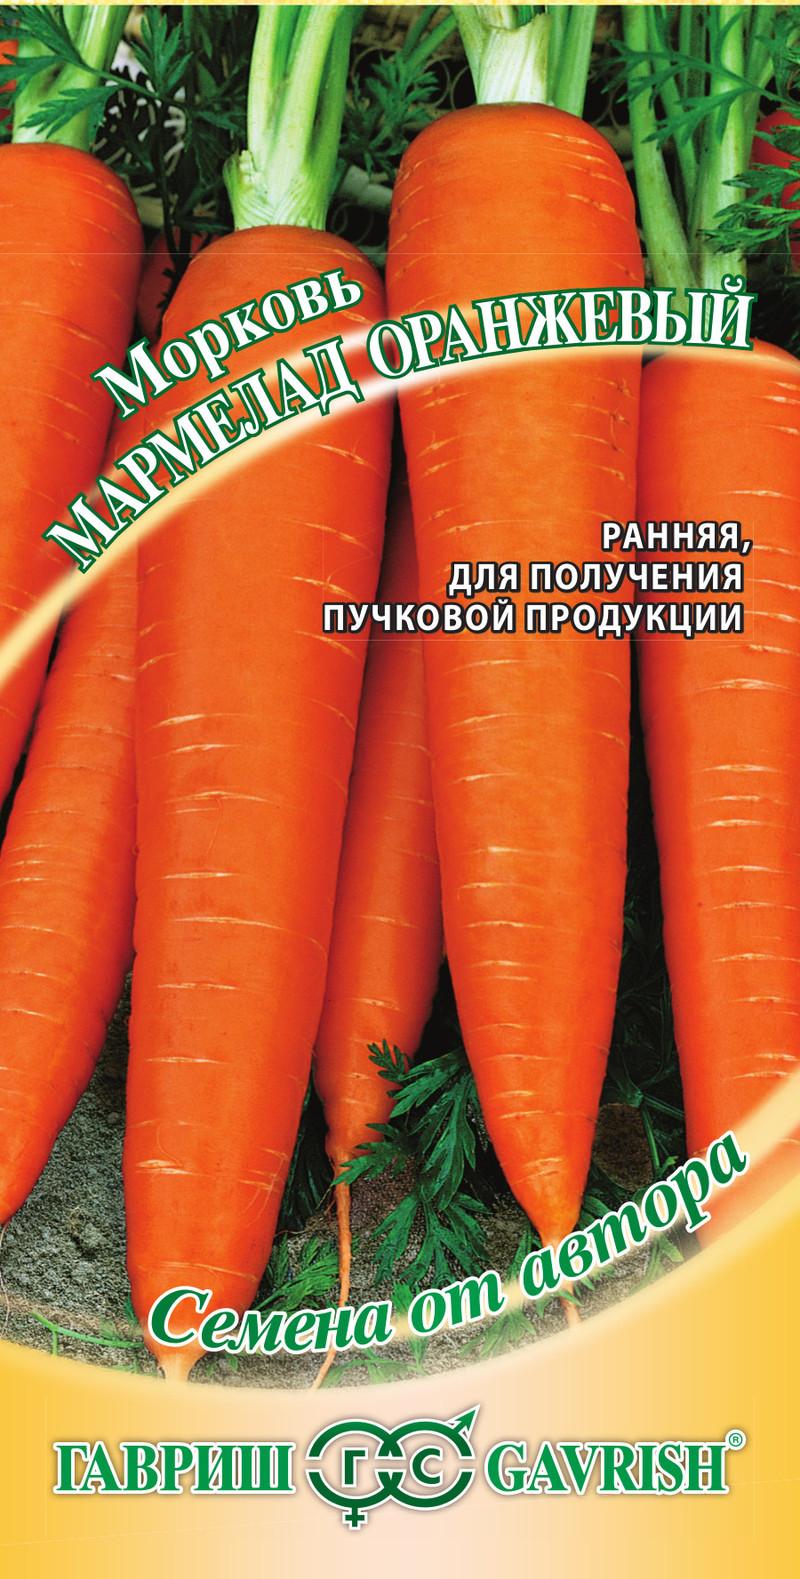 morkov-marmelad-oranzhevyy-f1-ud